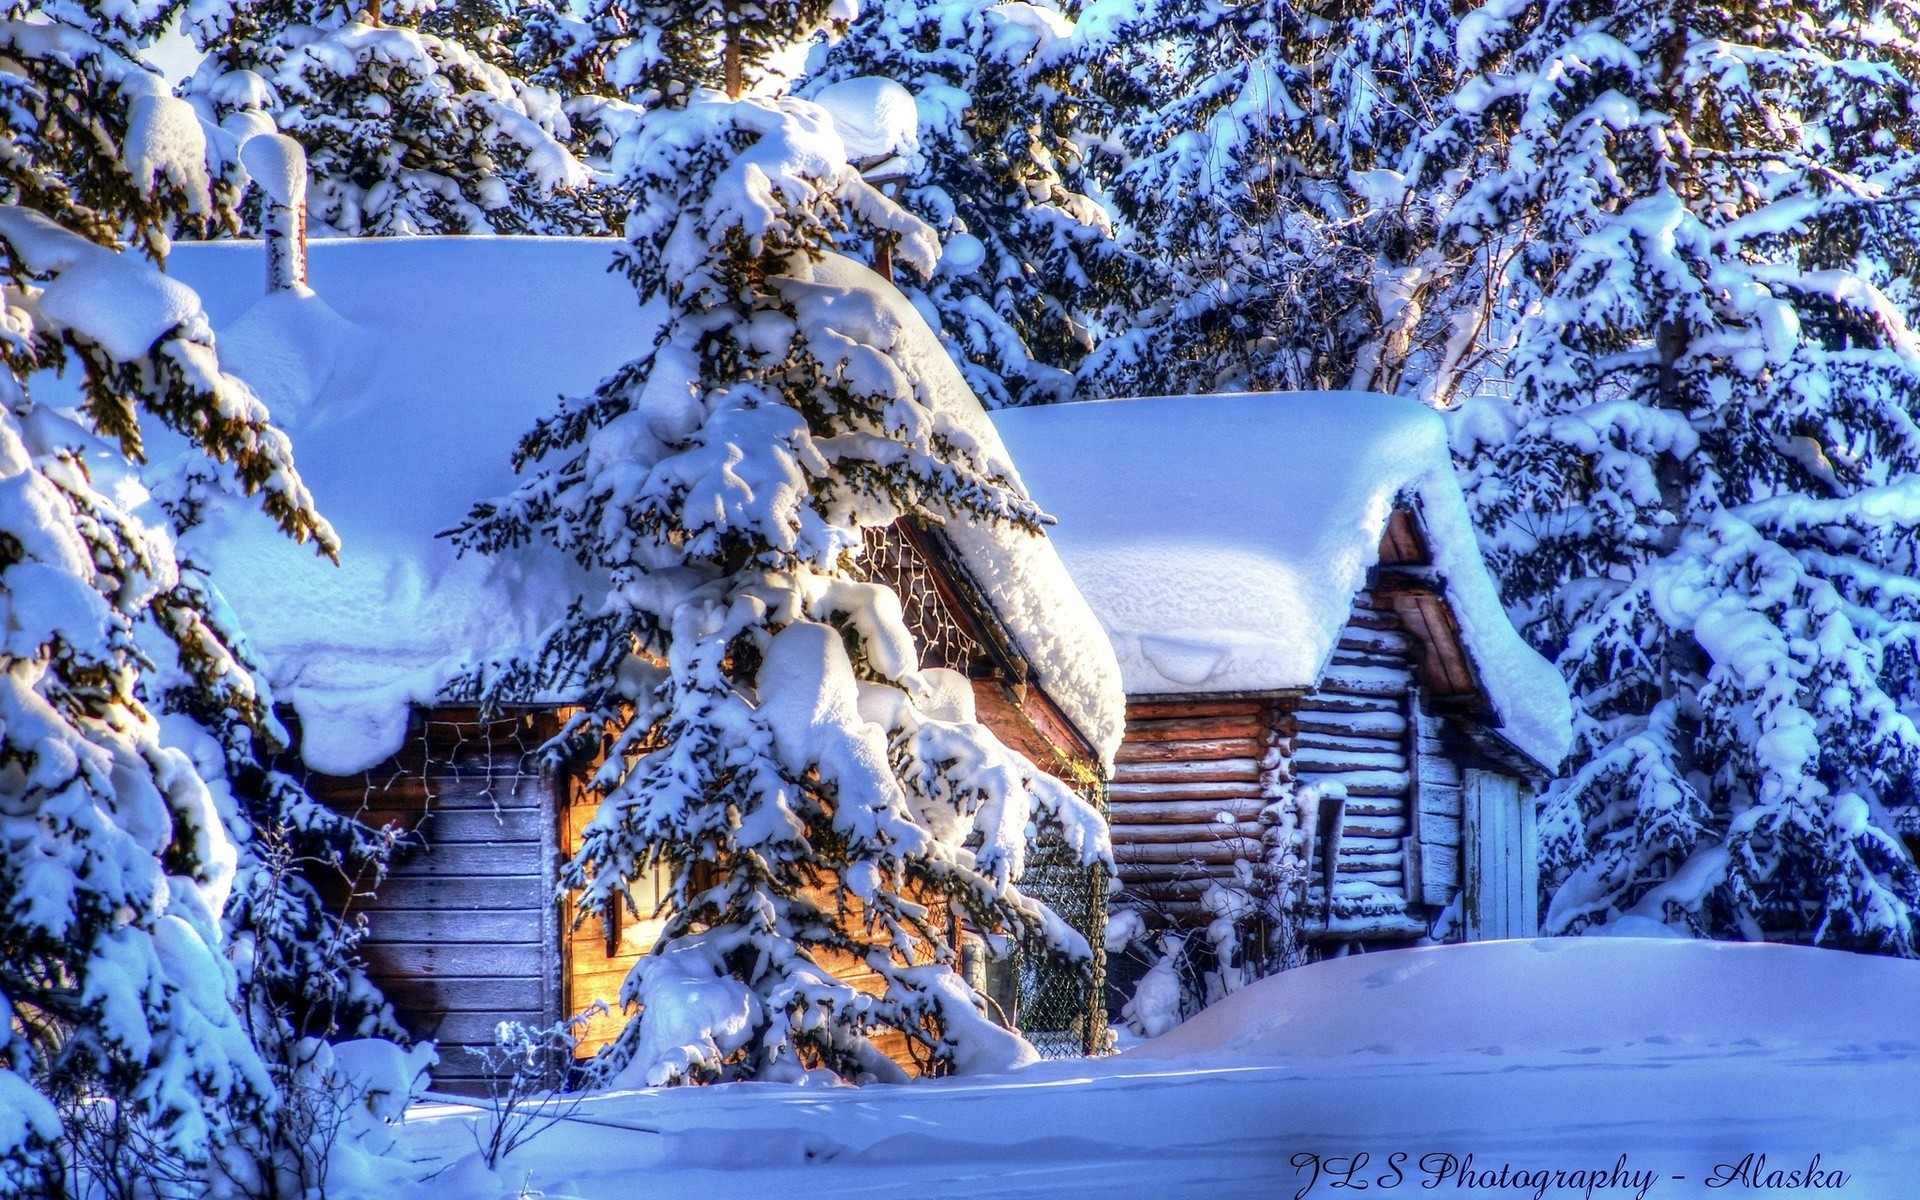 resort winter snow seasons hdr white sunlight wallpaper background 1920x1200